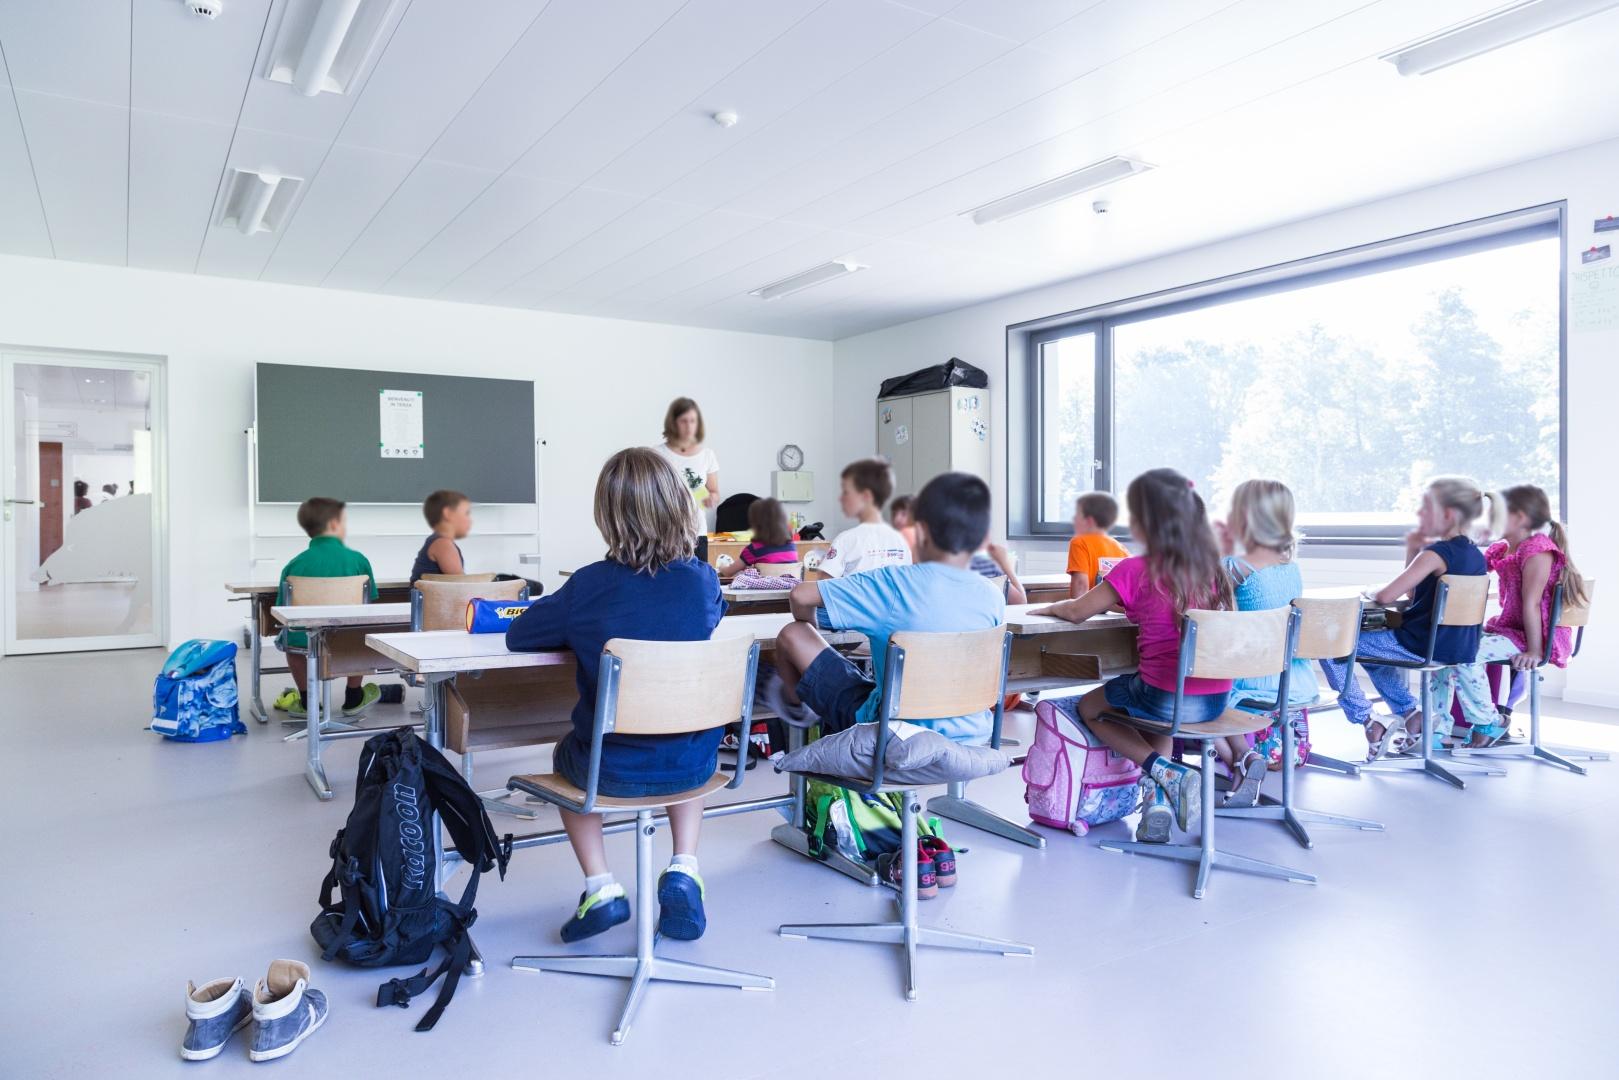 Klassenzimmer © Buletti Fumagalli e Associati sagl